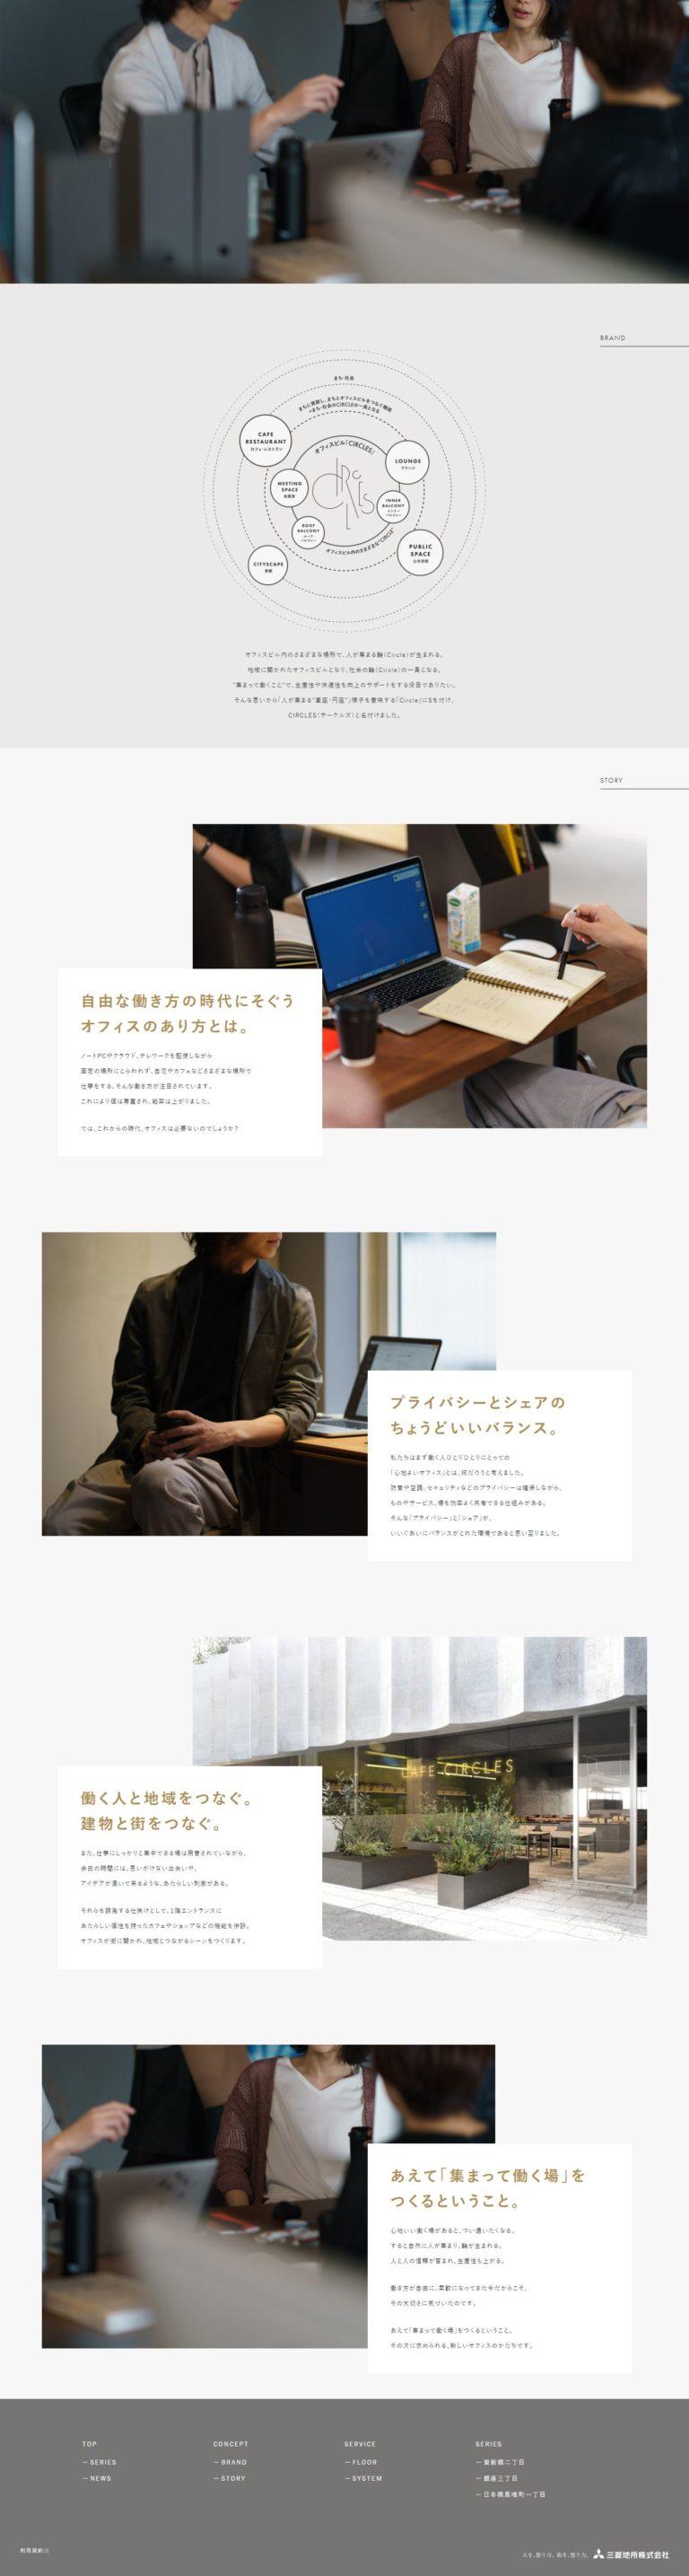 CIRCLES/ひとの輪ができる、まちと繋がるオフィス | 三菱地所の賃貸オフィスビルシリーズ